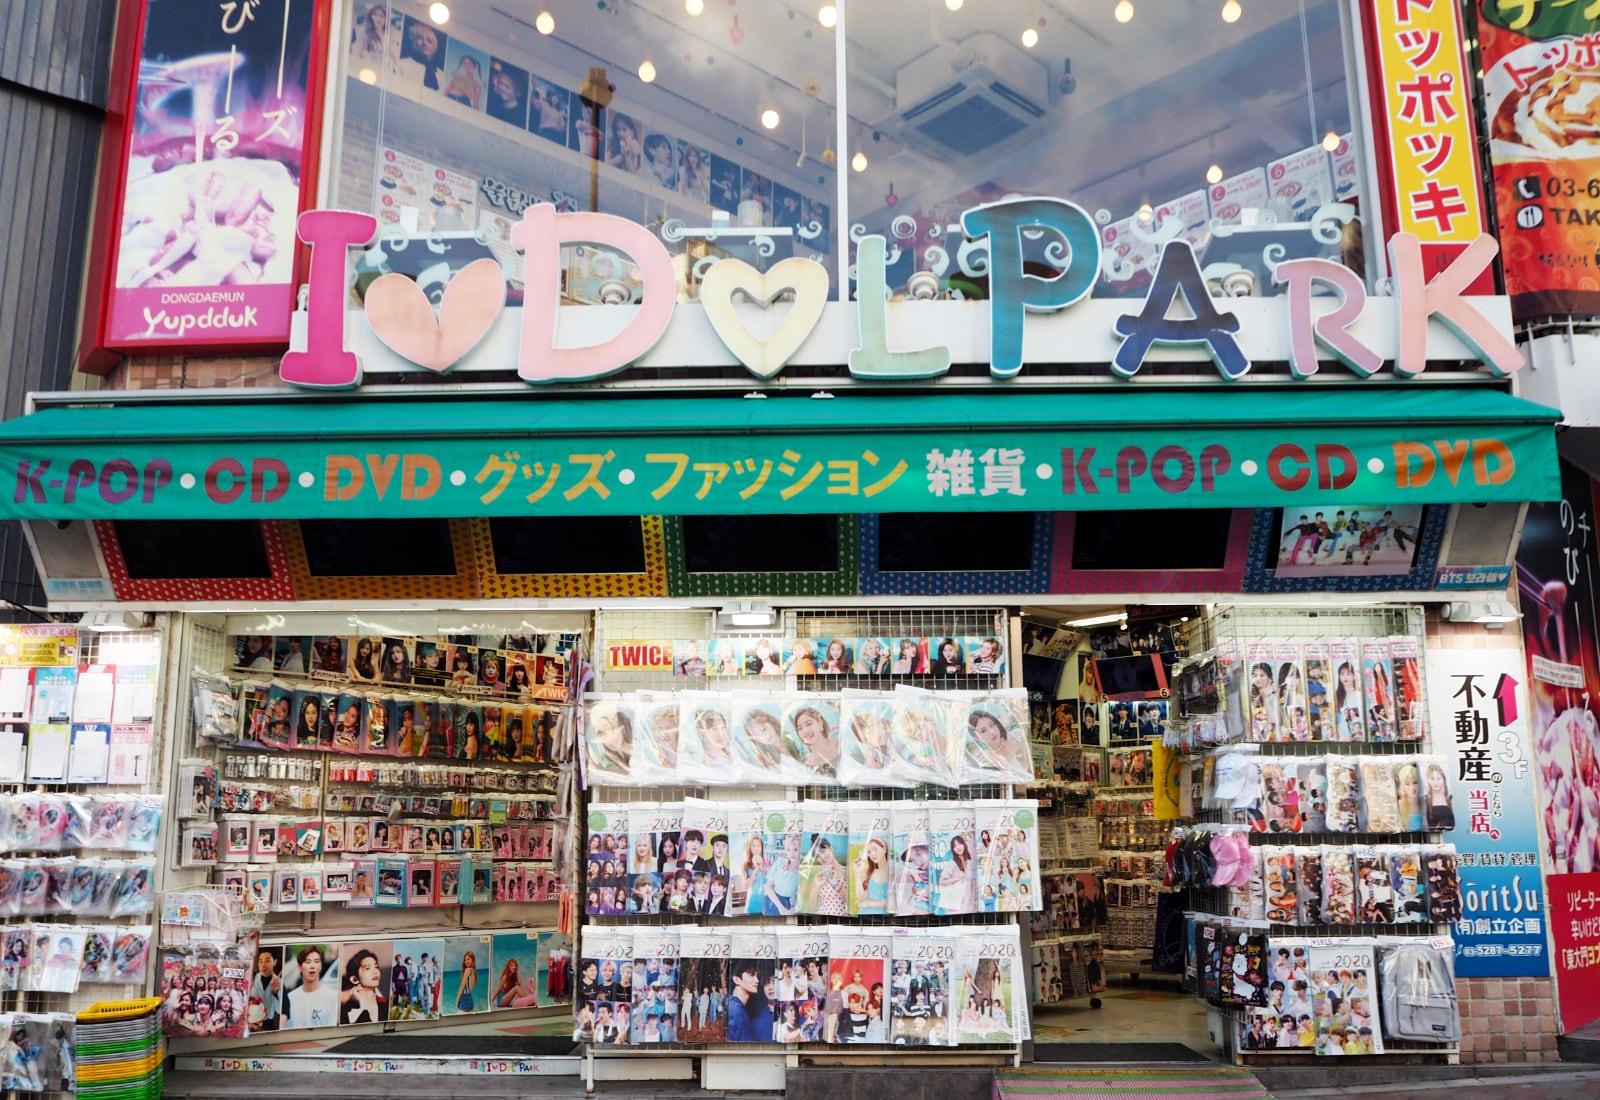 Idol-Park-shin okubo tokyo